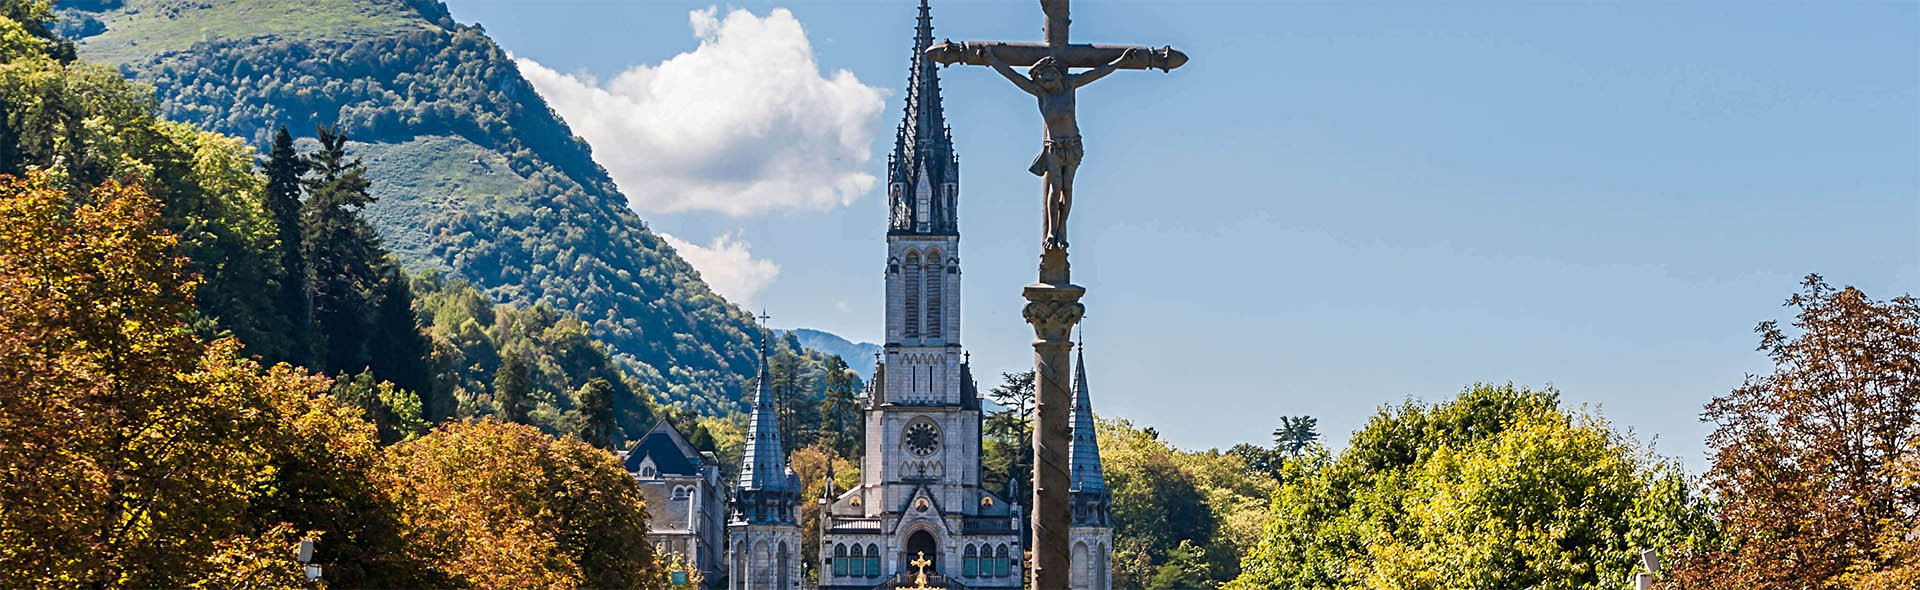 Viaggio a Lourdes in Aereo da Napoli Immacolata 5 giorni